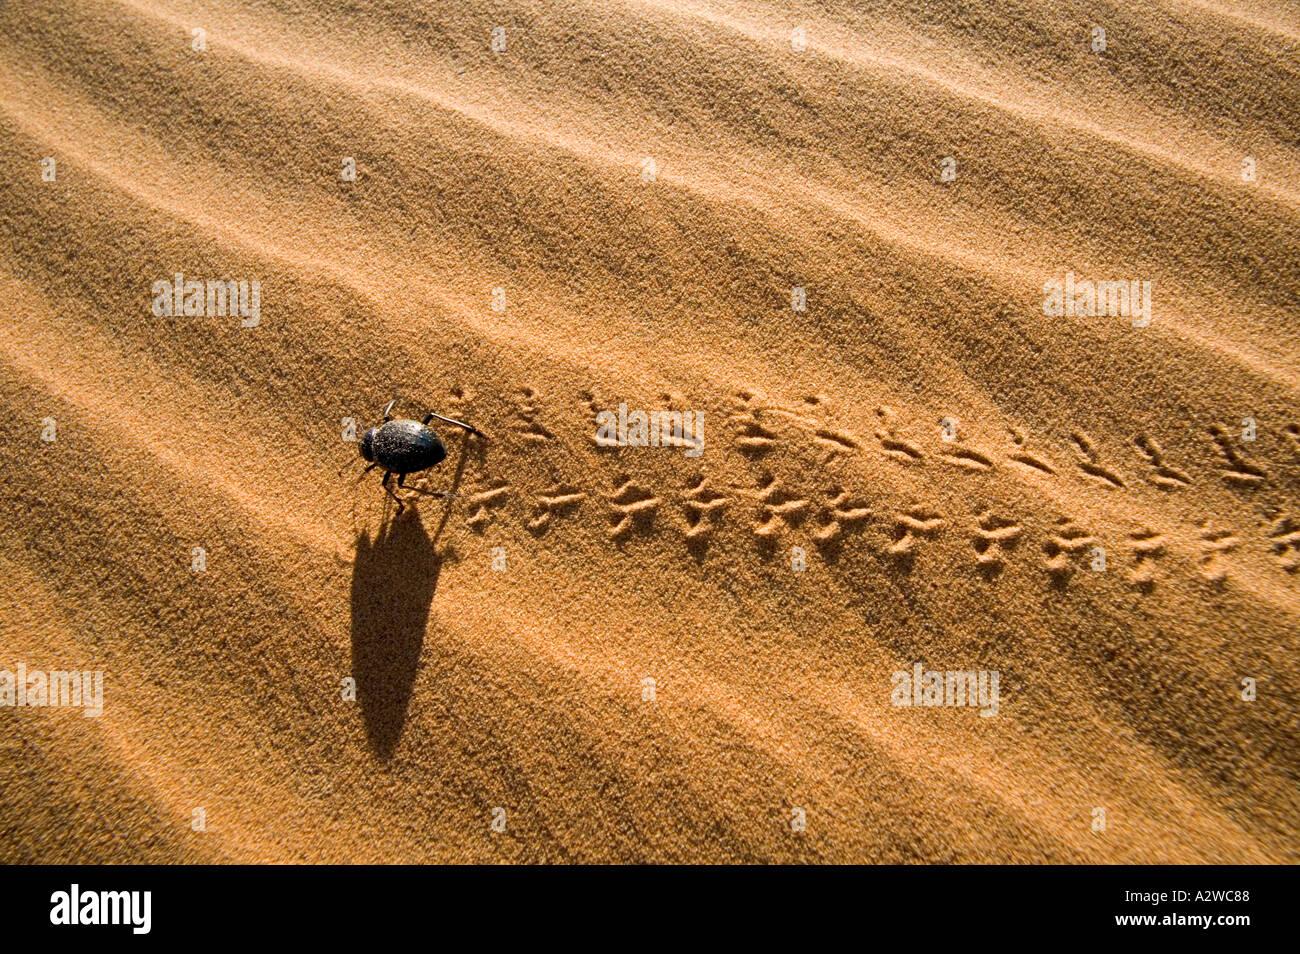 Desierto de la familia de escarabajos Tenebrionid viven y se alimentan en las dunas de arena a lo largo de África Imagen De Stock